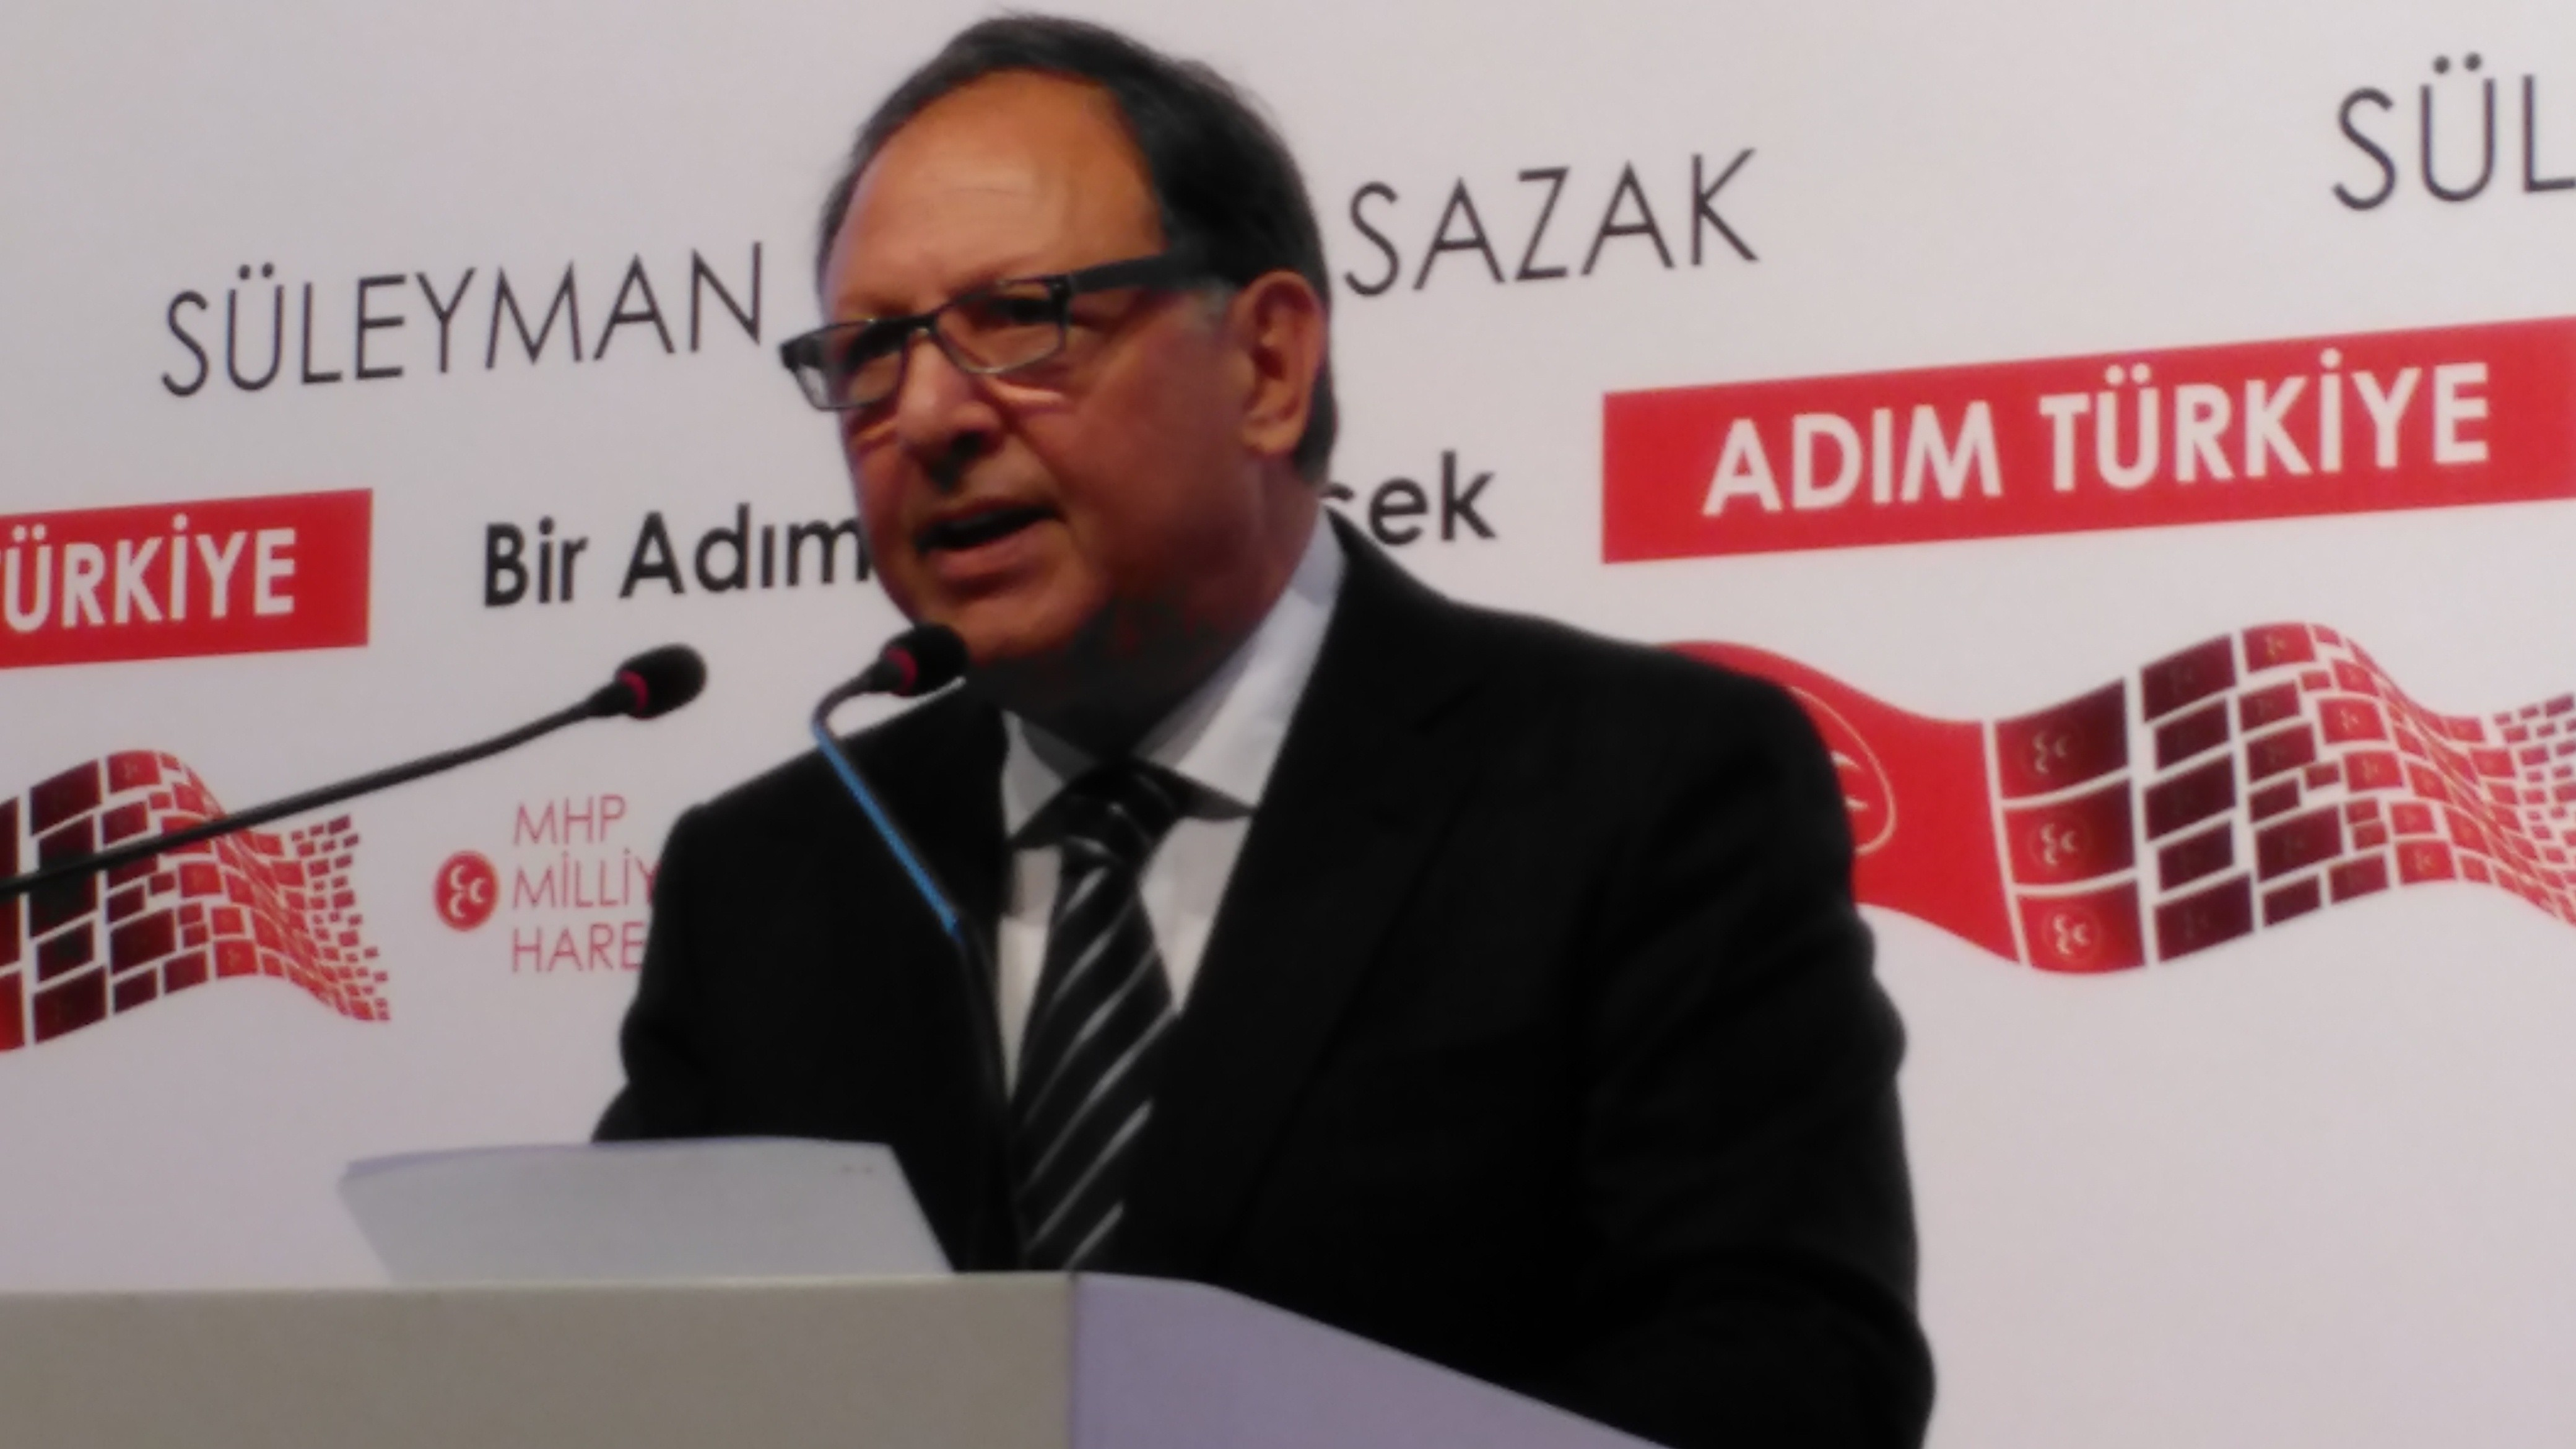 Sazak MHP Genel Başkan Adayı